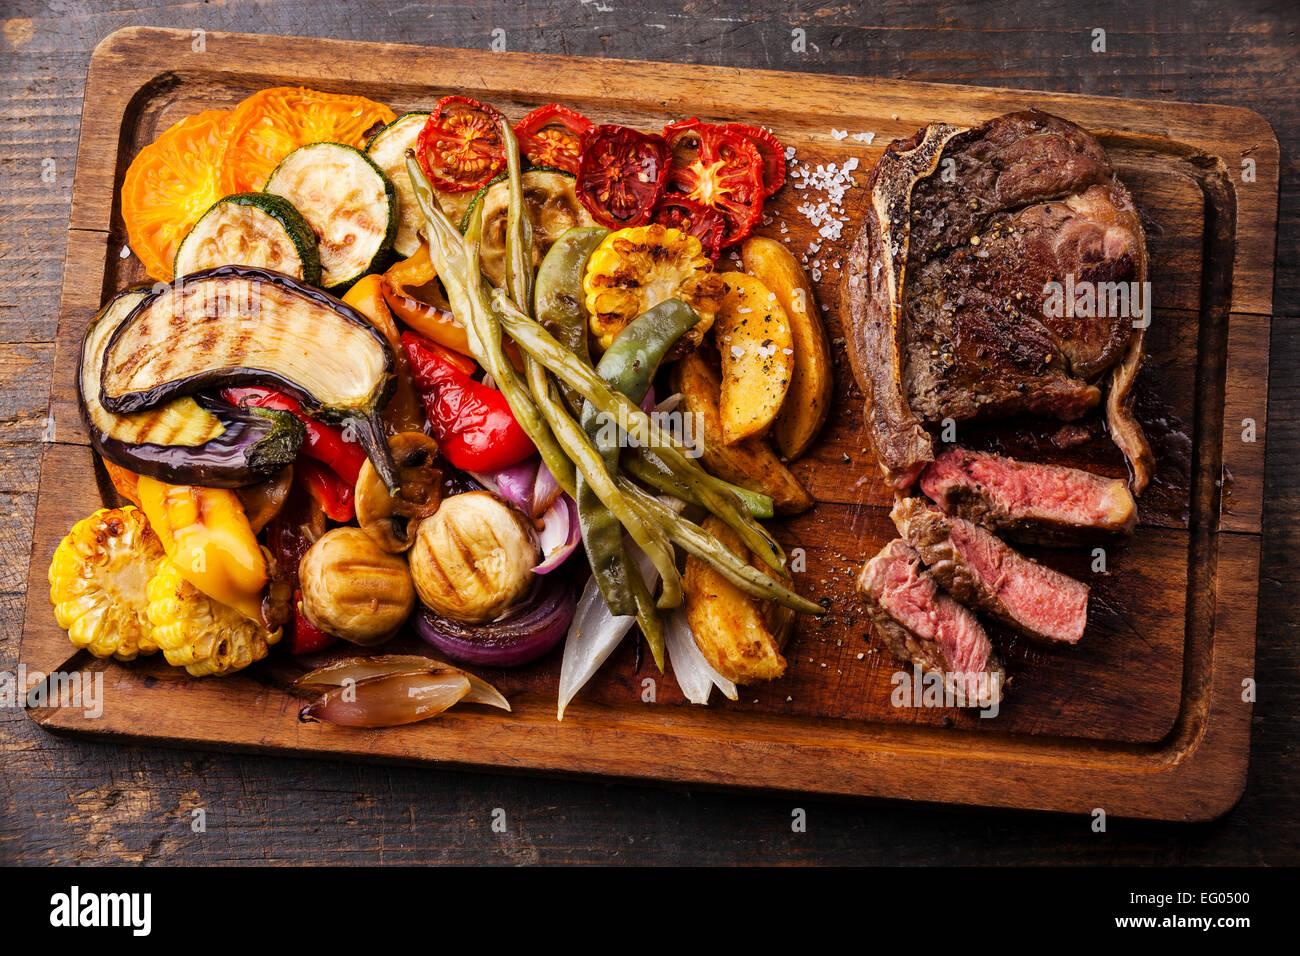 Club de bistec de carne con salsa de pimienta y verduras asadas en placa de corte sobre fondo de madera oscura. Imagen De Stock